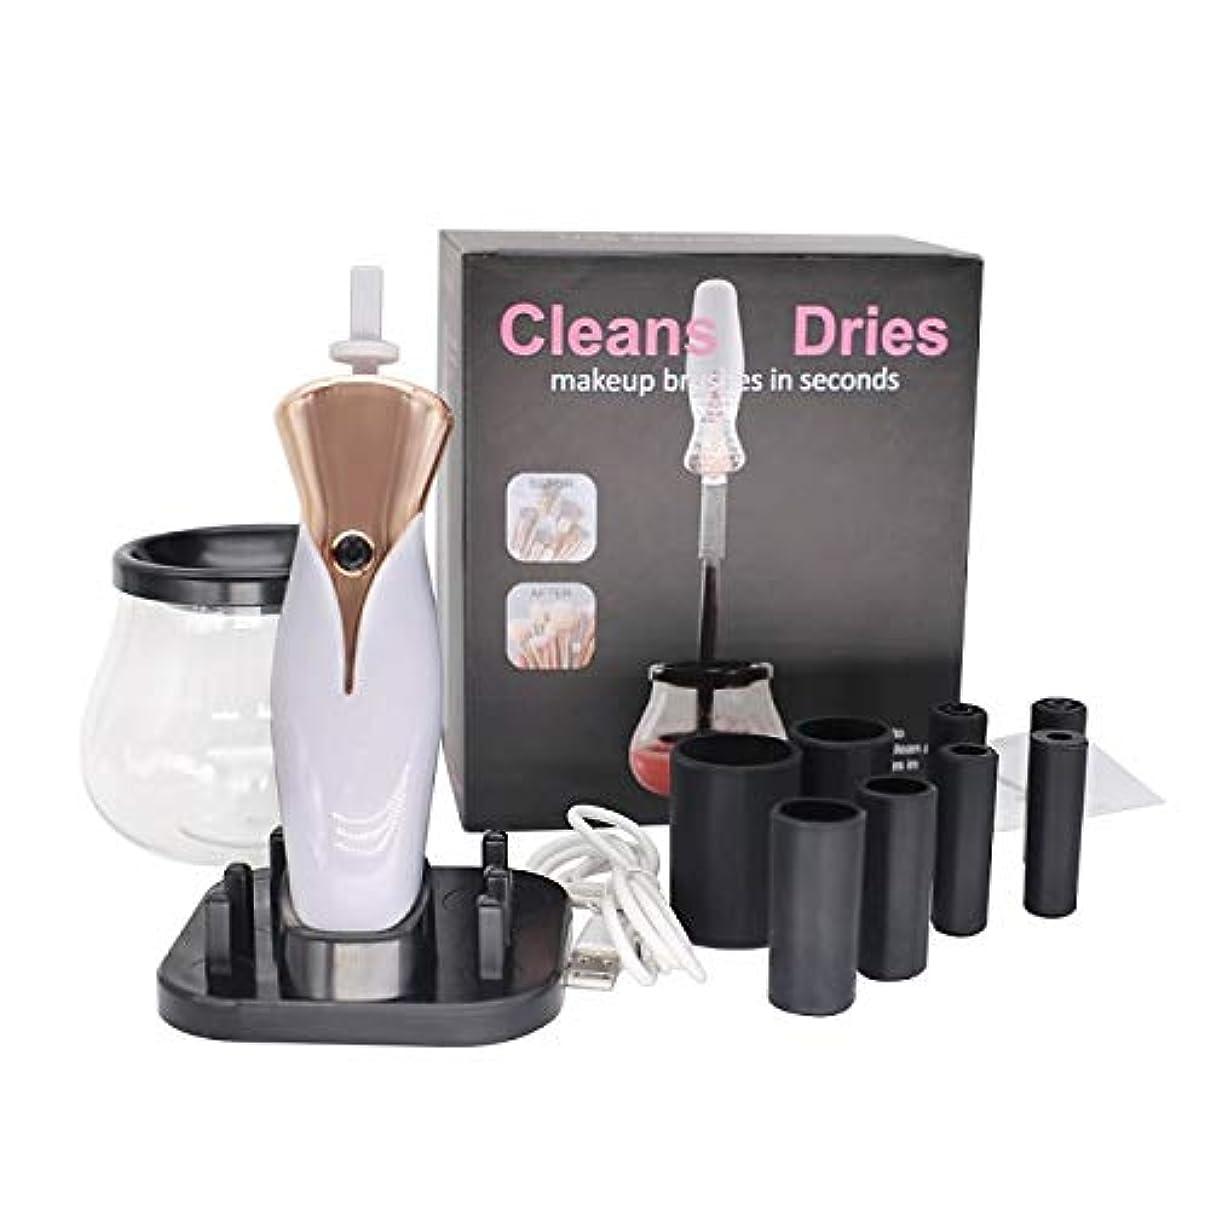 高度なグローブ克服するメイクブラシクリーナー 電動メイクブラシクリーナー 乾燥化粧ブラシクリーナー 回転式洗浄器セット 乾燥メイクブラシ洗浄器 化粧ブラシ 化粧筆脱水 自動洗浄 女性へのベストなプレゼント